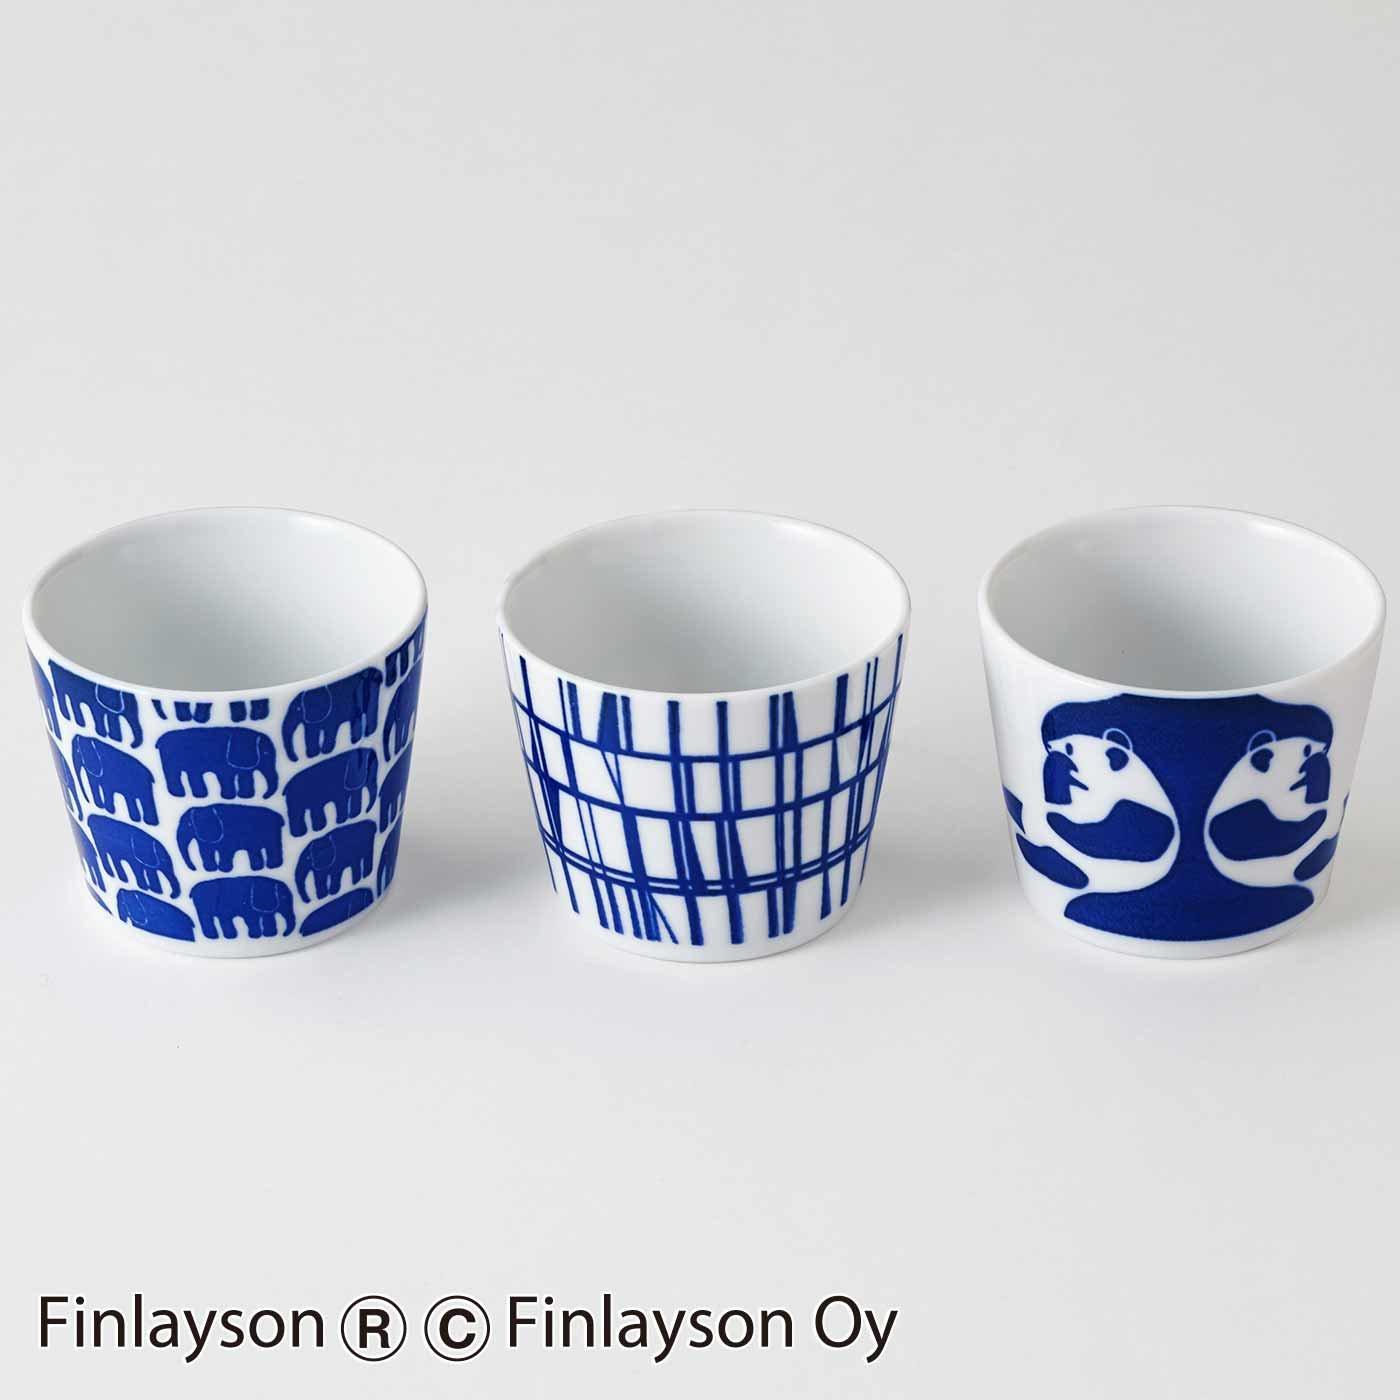 フィンレイソン 藍色美しい磁器セット〈フリーカップ3種〉